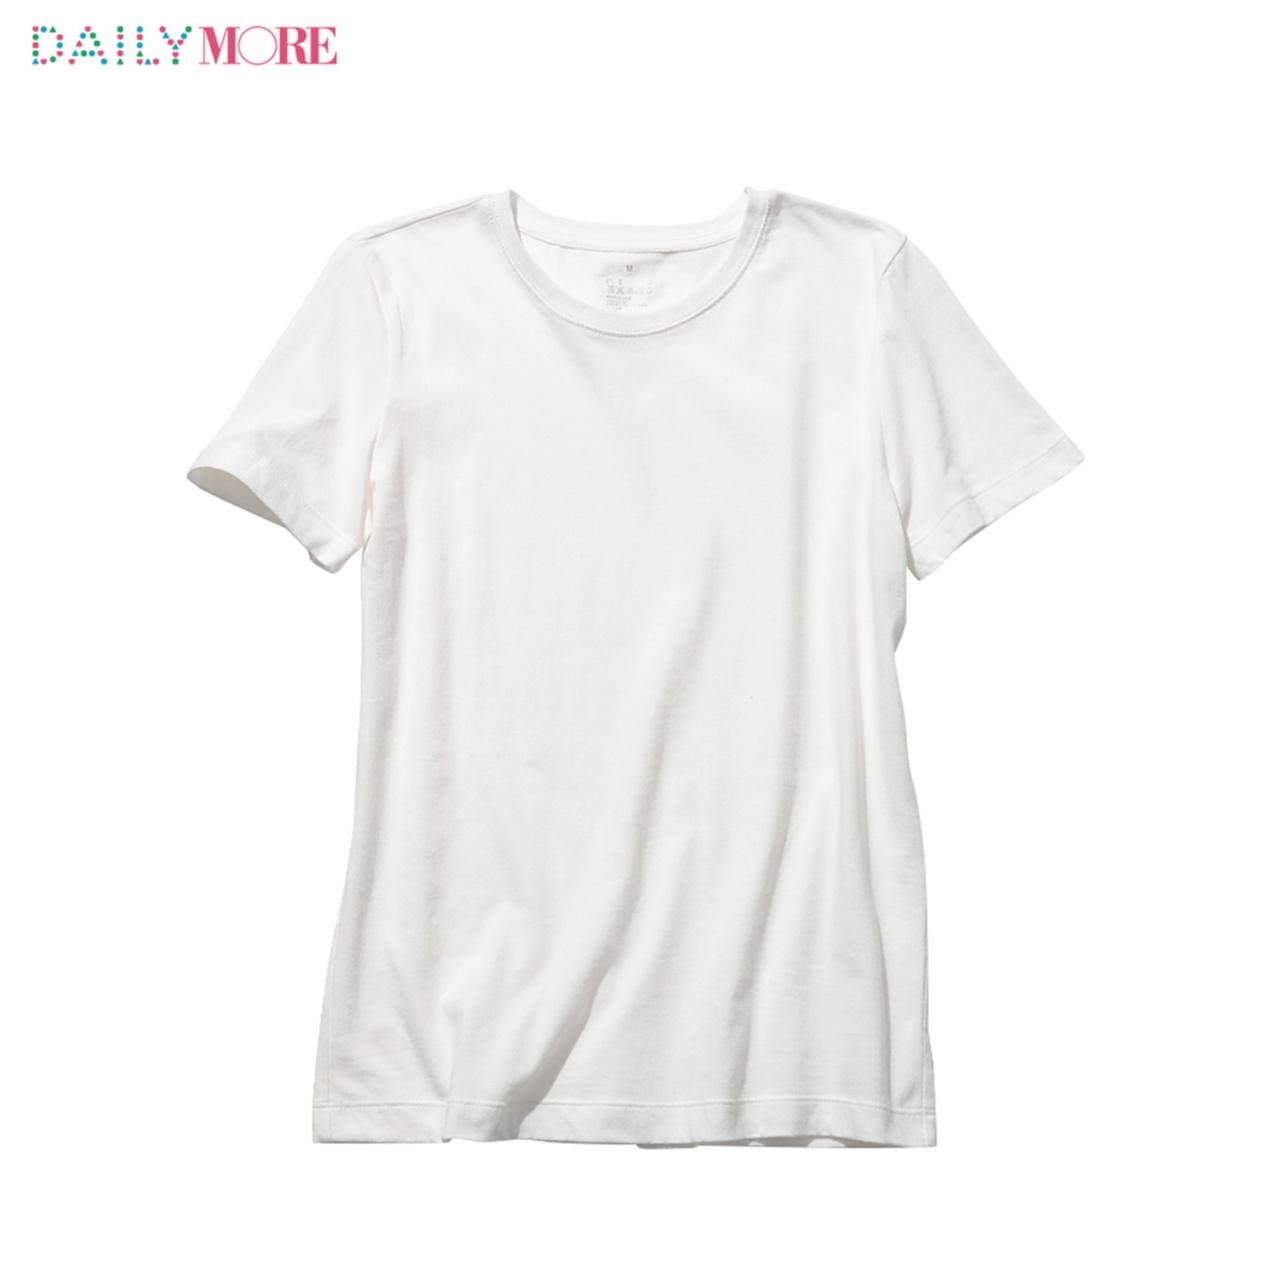 シルエットも素材もこだわりまくりの4タイプ!!【無印良品】の白Tシャツのここがスゴイ!_2_1